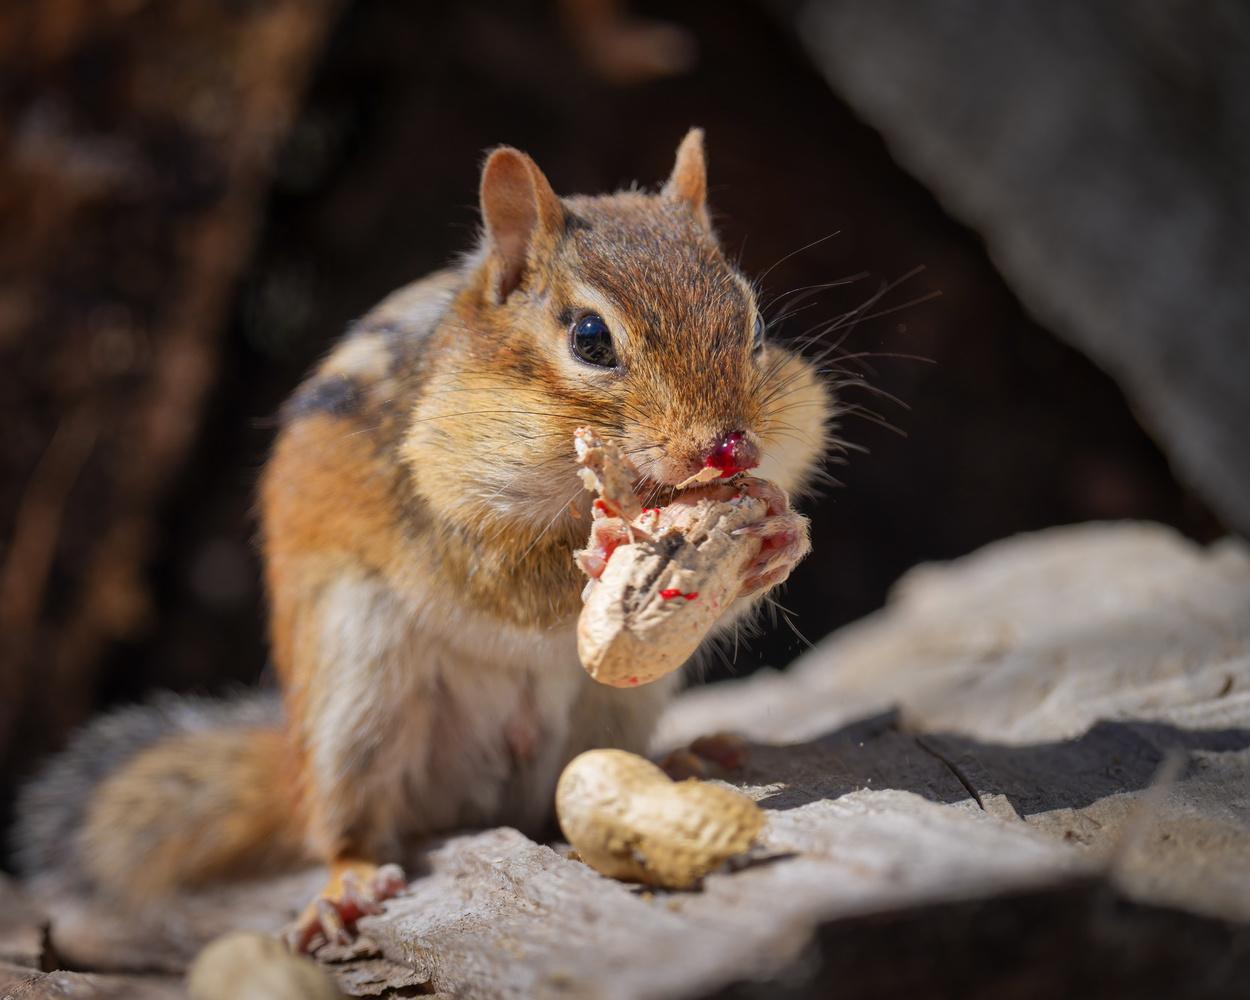 Injured chipmunk by Skyler Ewing